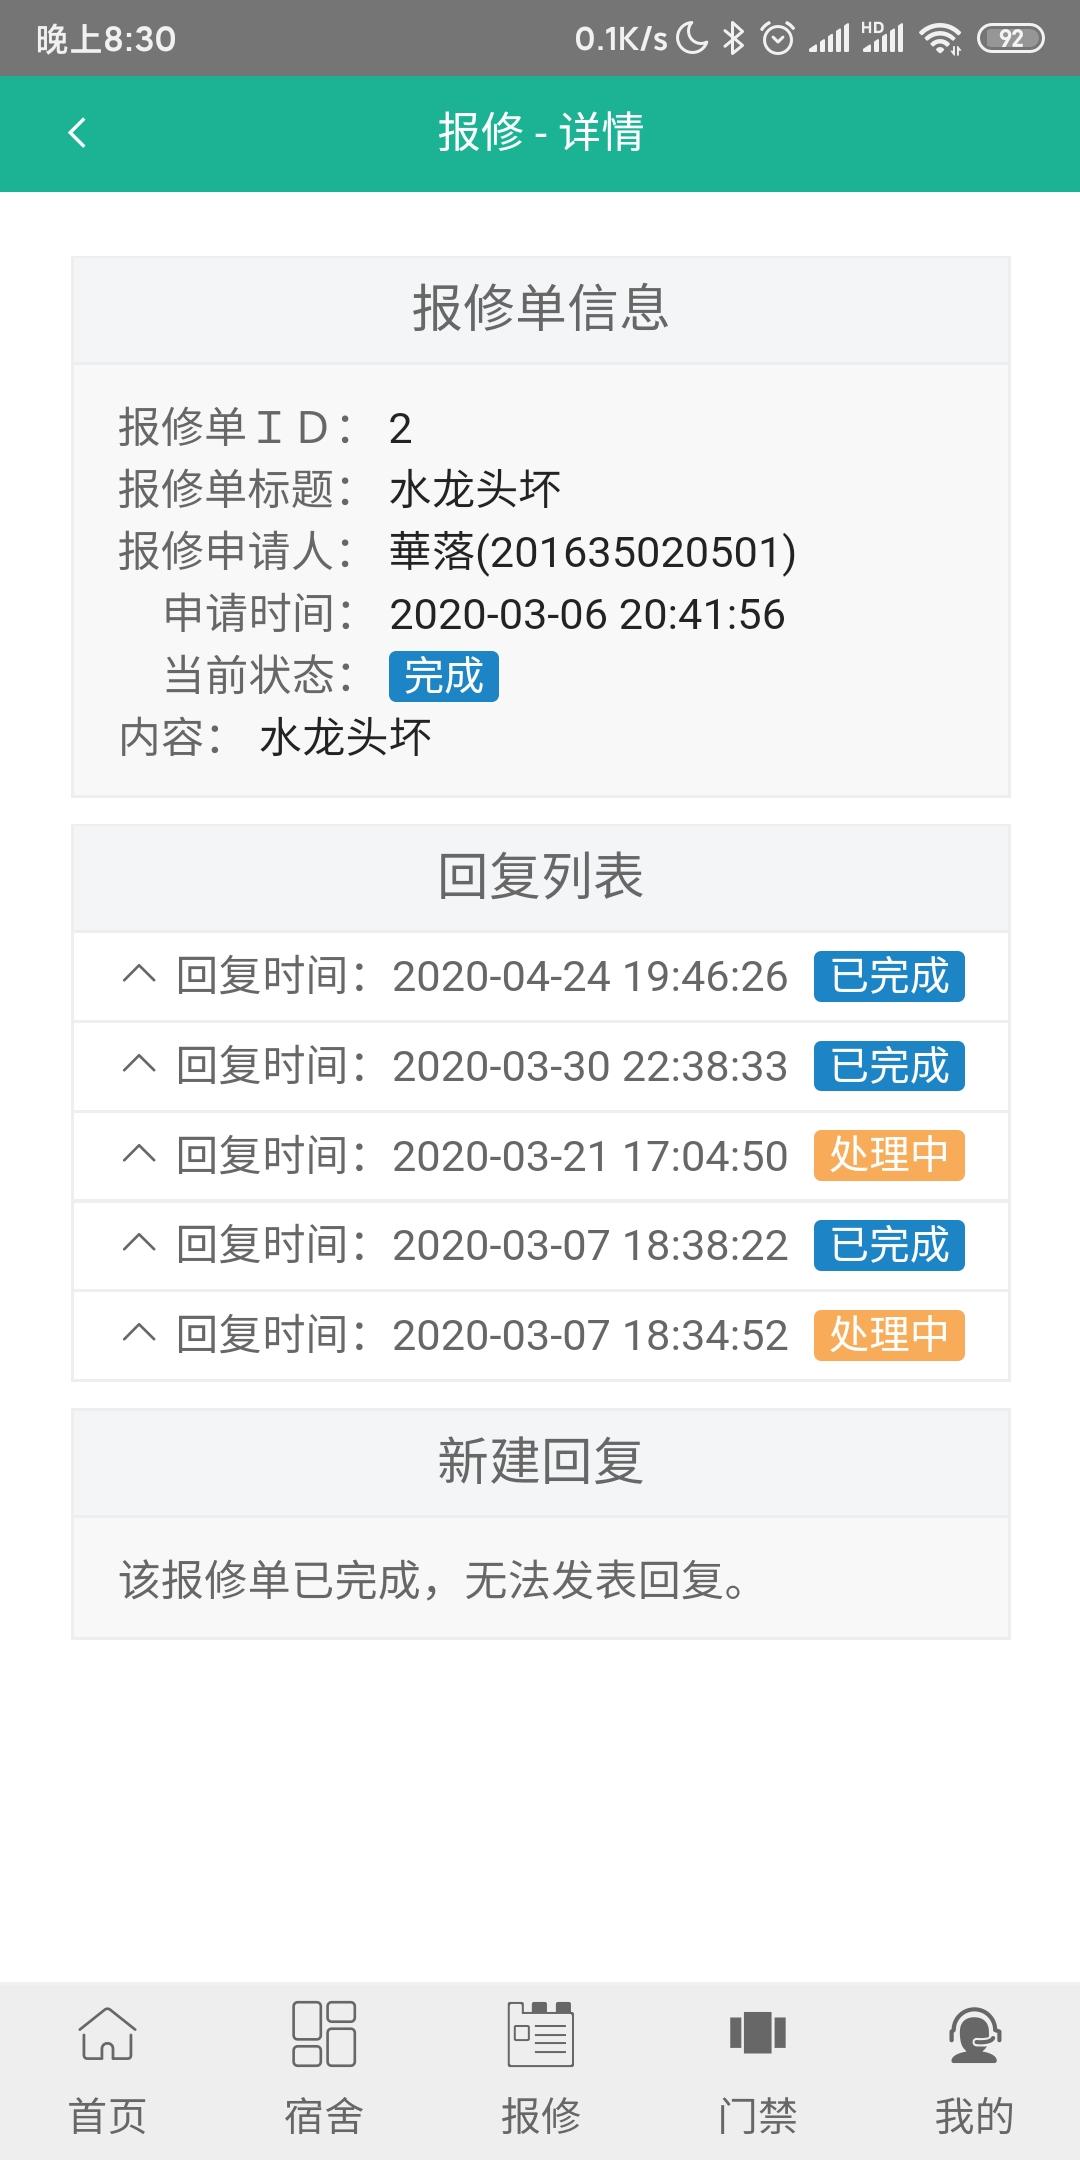 Screenshot_2020-04-29-20-30-42-950_io.dcloud.HBui.jpg